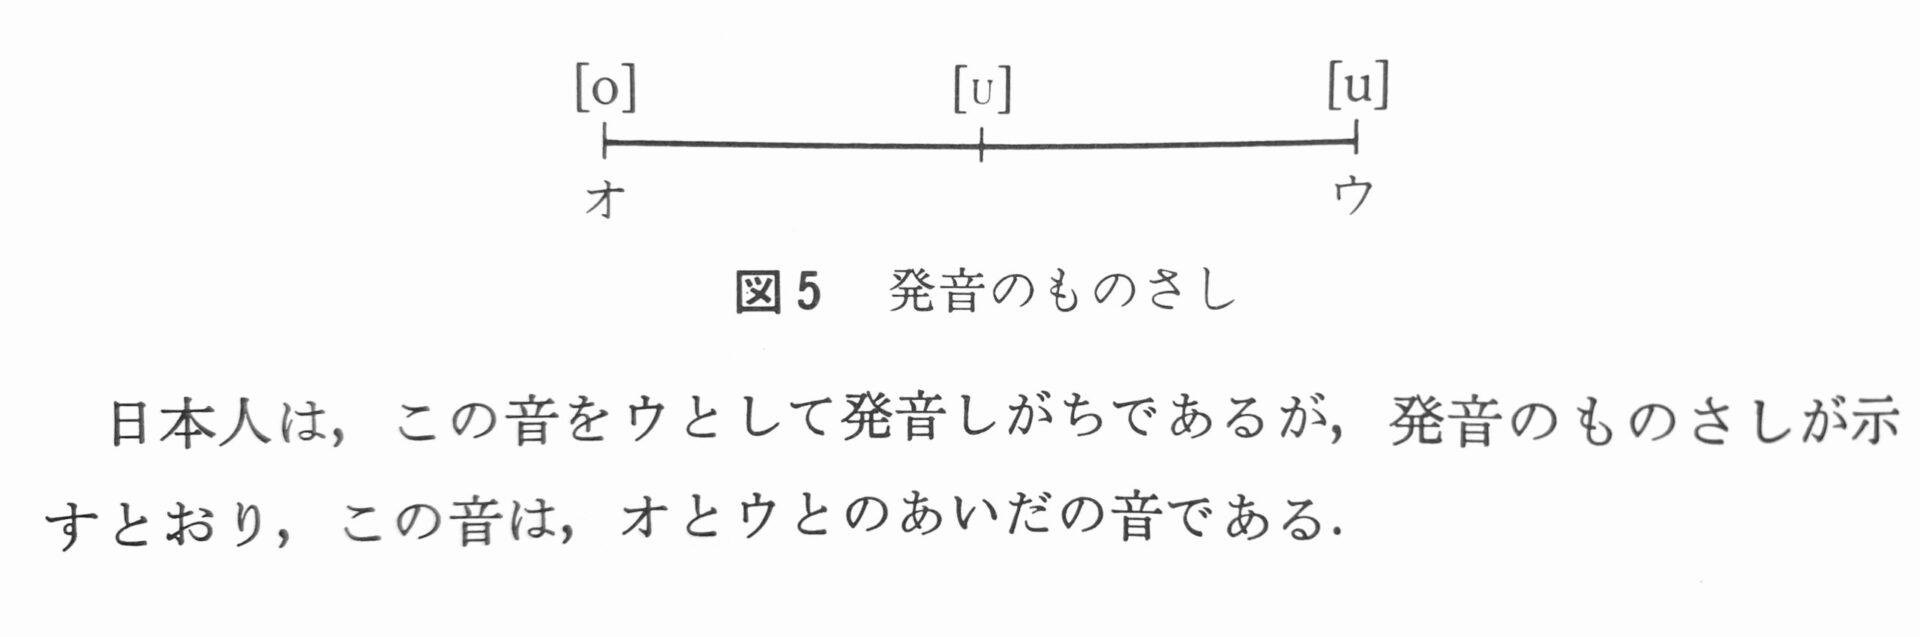 /uː/ と /ʊ/ の発音の違い